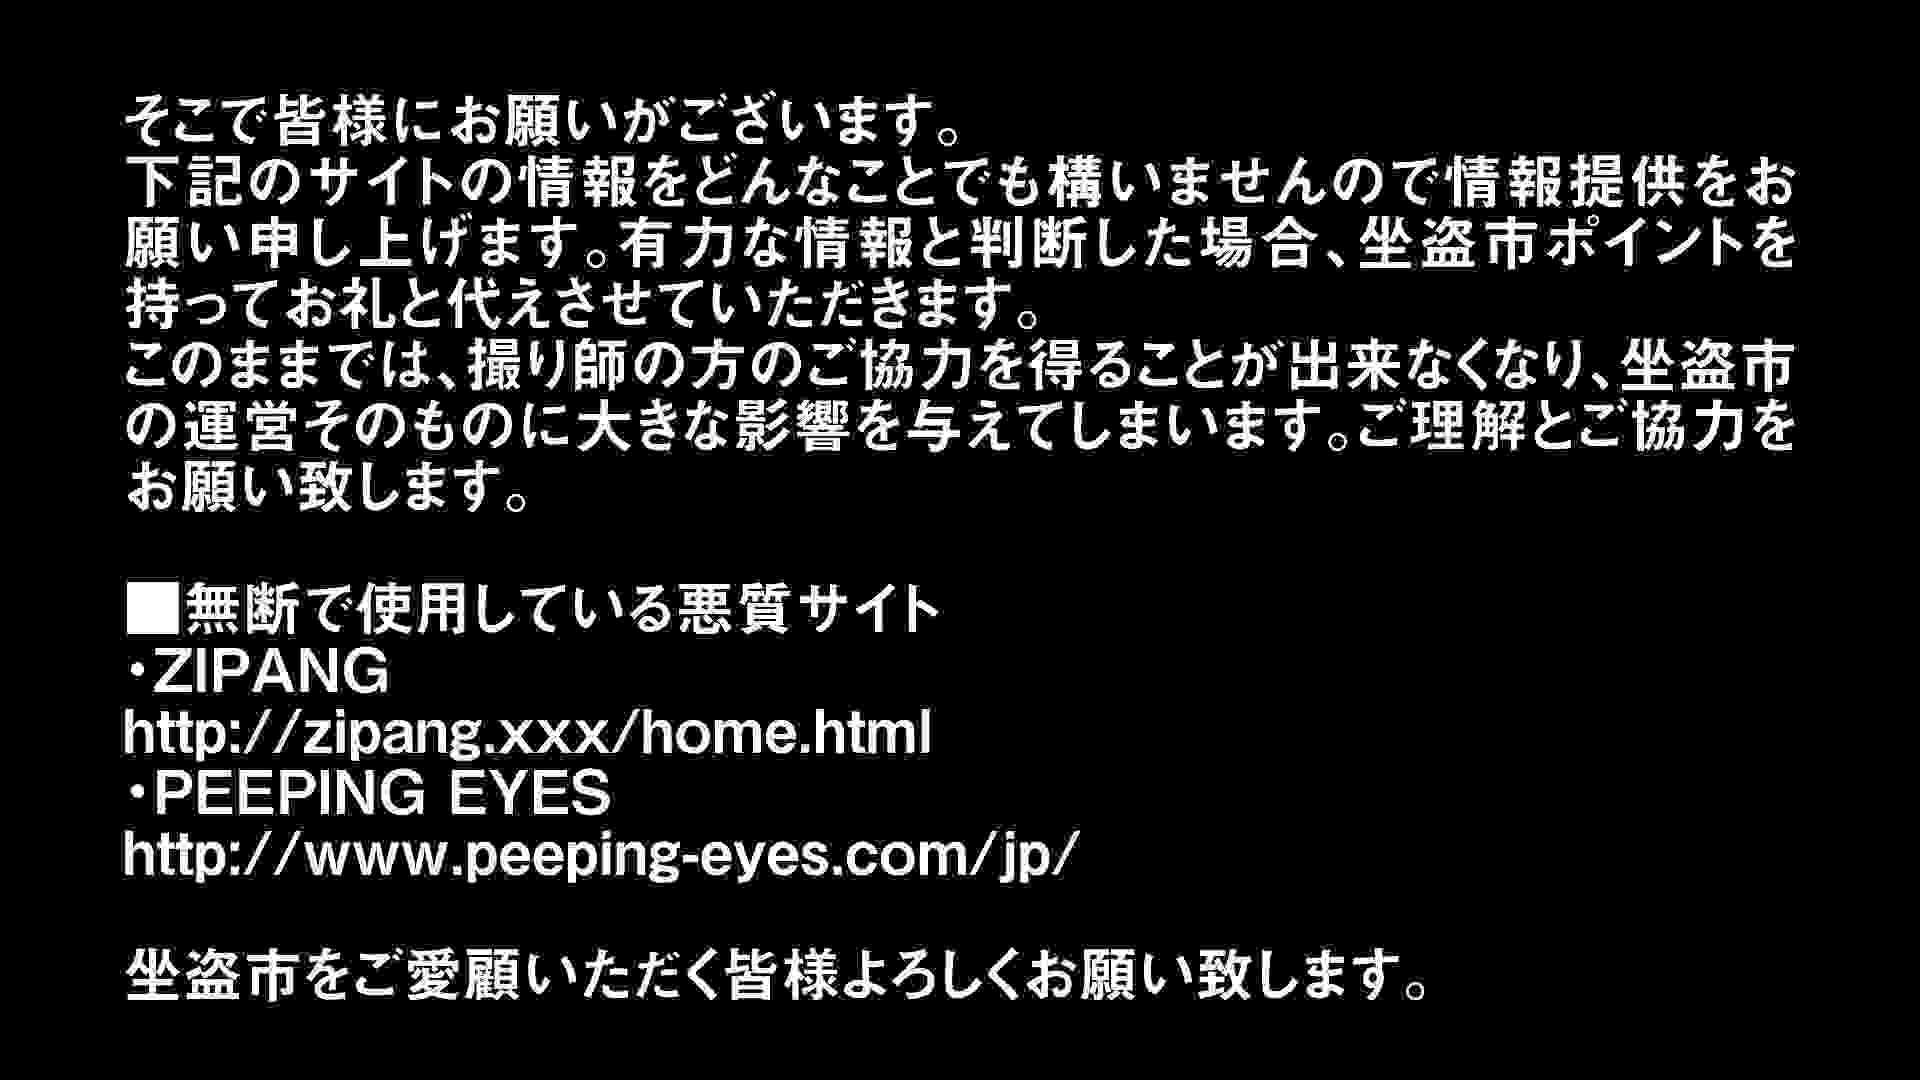 Aquaな露天風呂Vol.300 盗撮シリーズ  110PIX 40